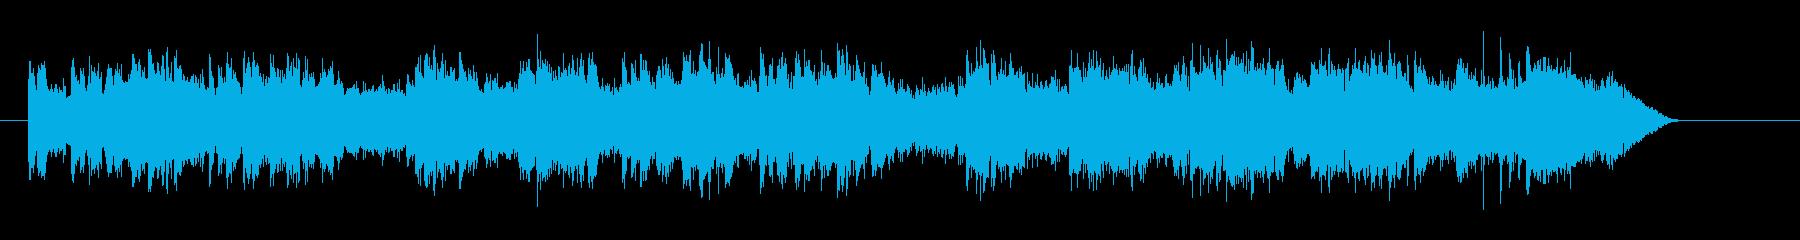 ゆったりと優しいリラクゼーションジングルの再生済みの波形